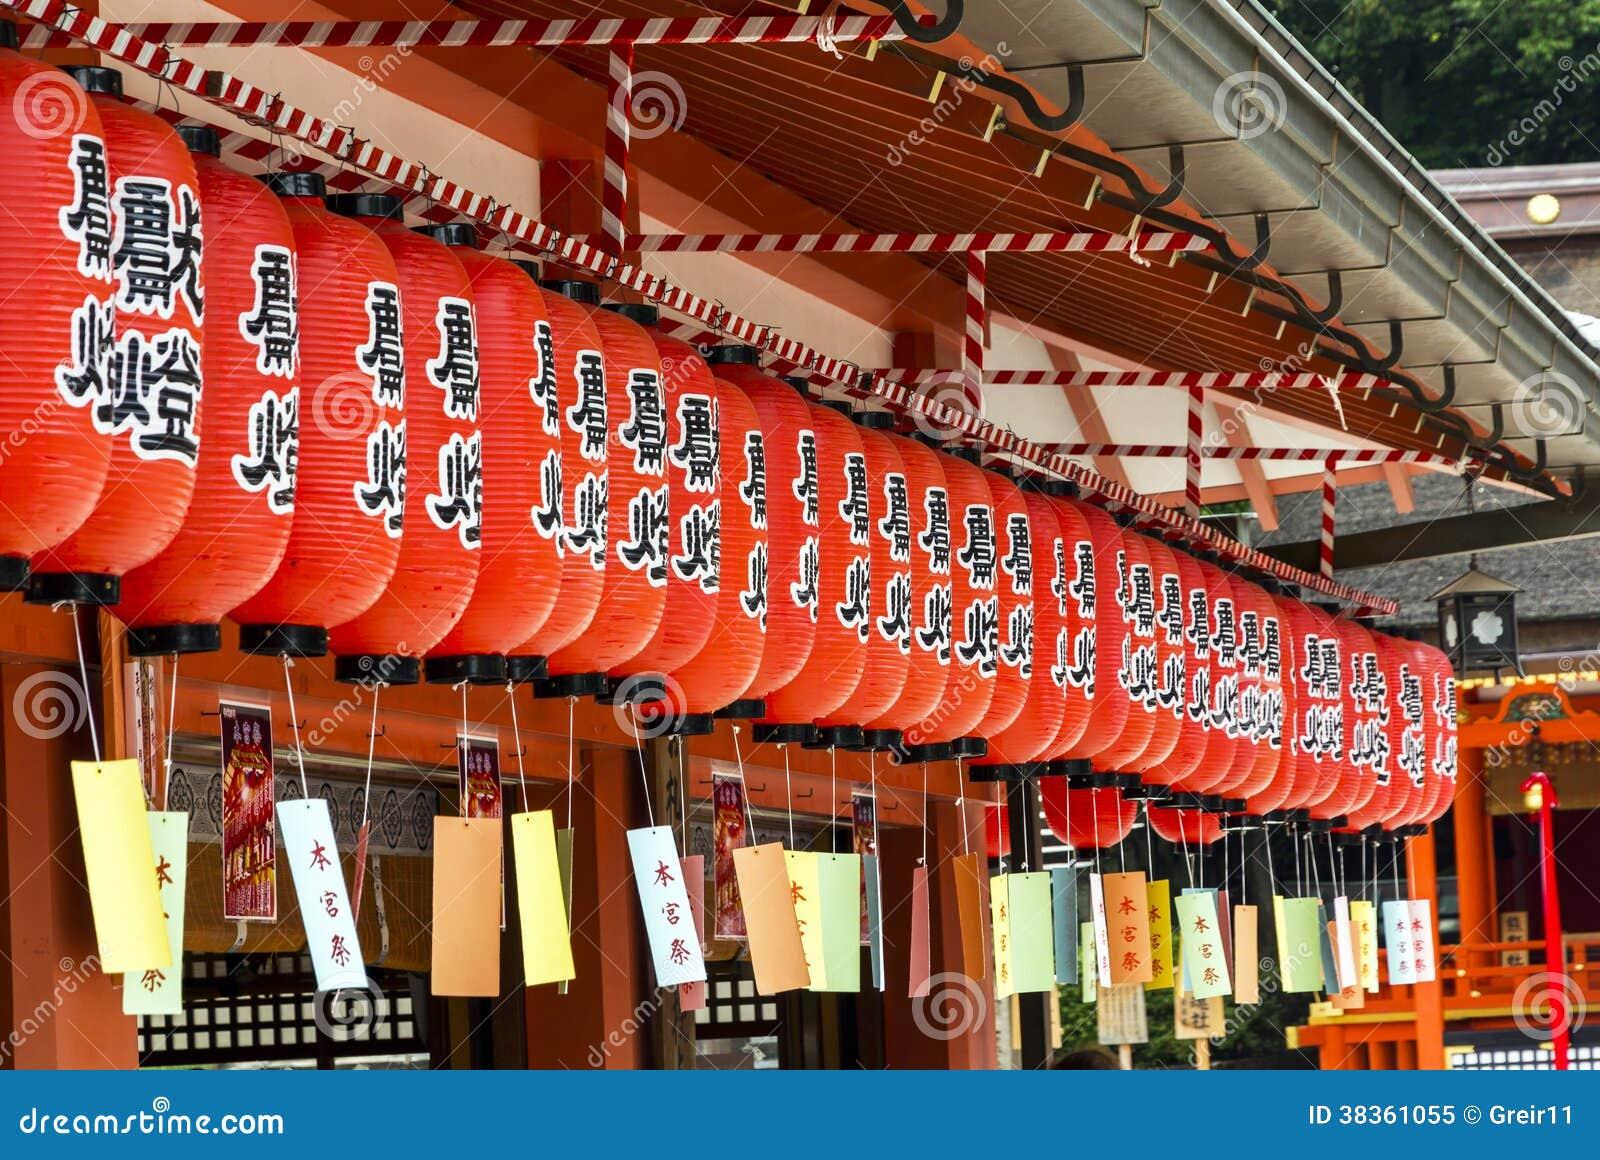 Lanternas japonesas, pendurando em um santuário xintoísmo, kyoto